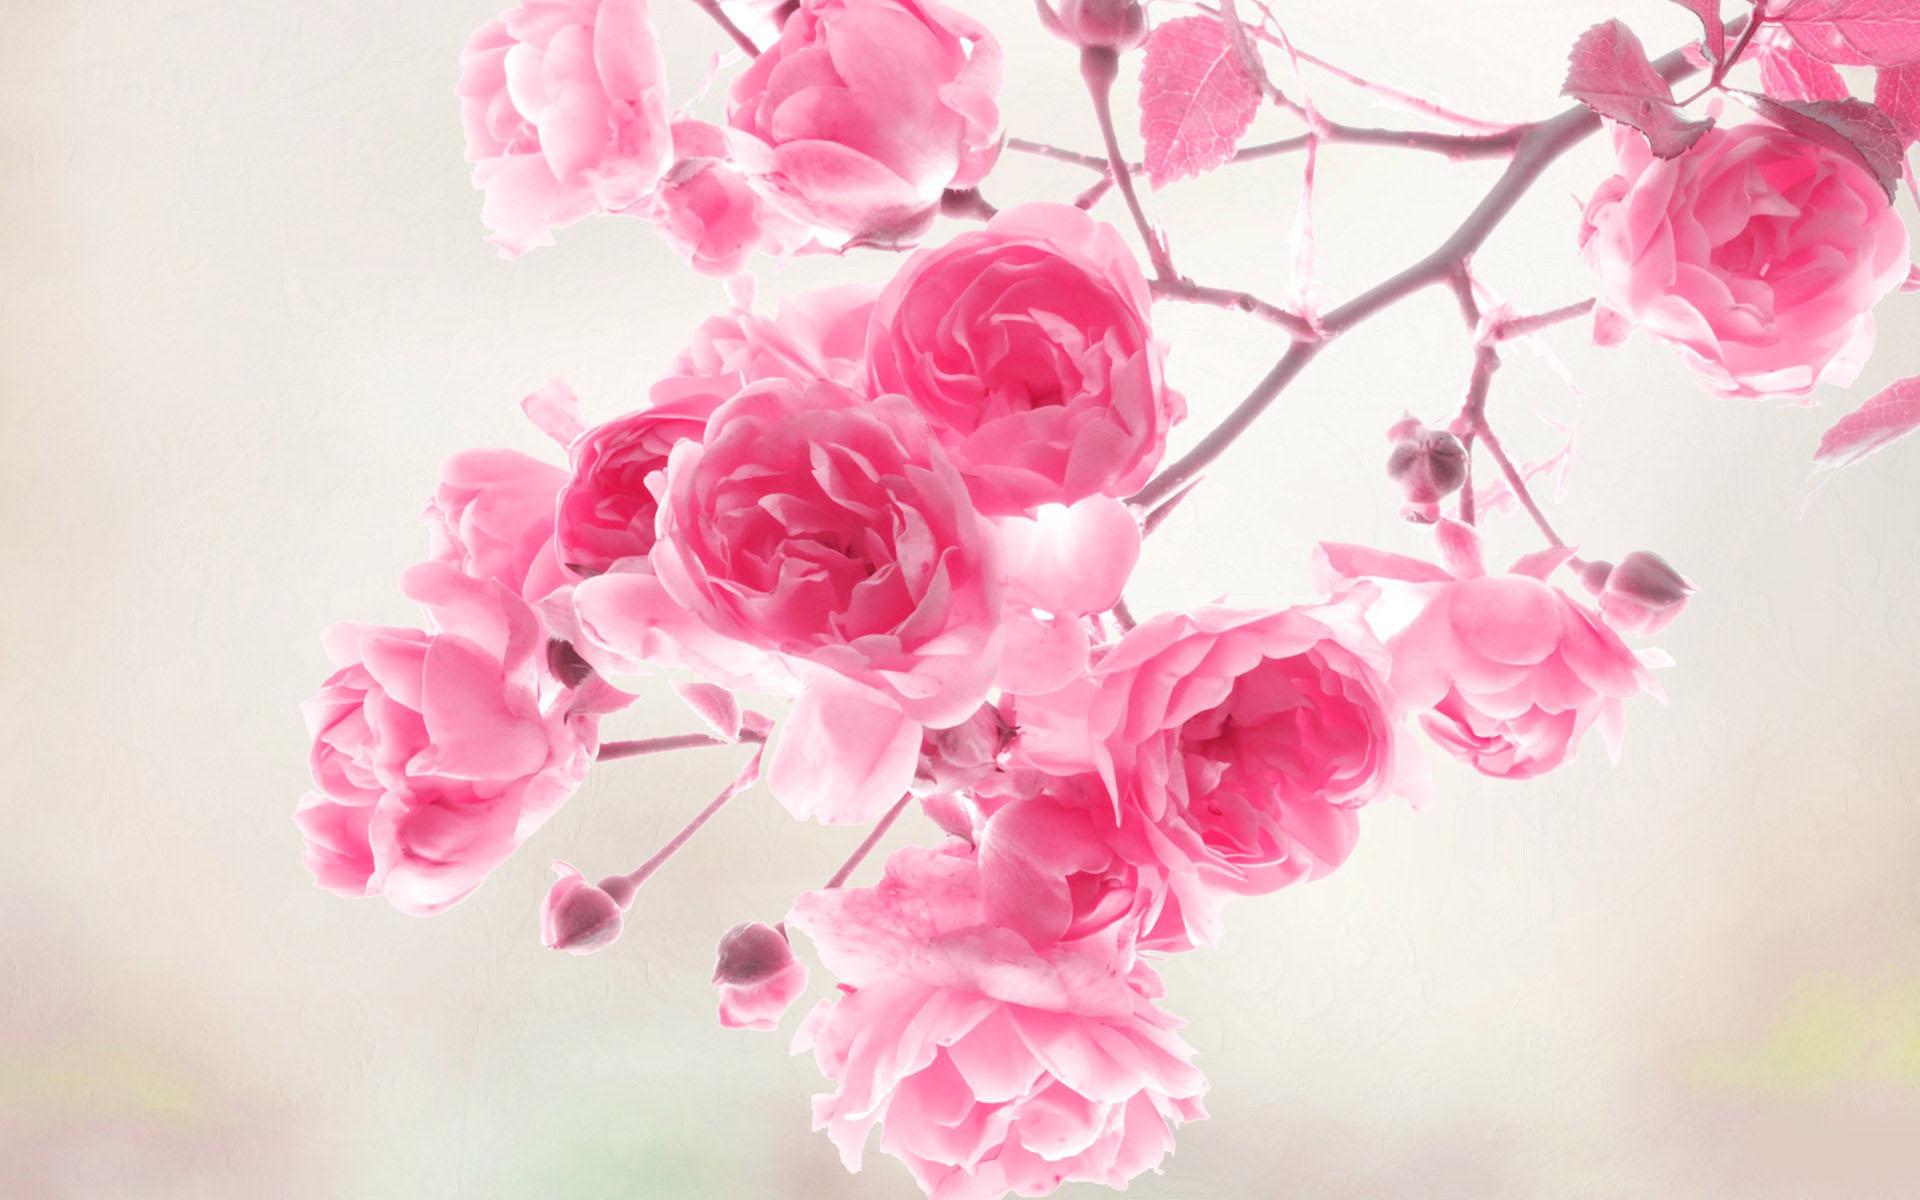 20-flower-wallpaper